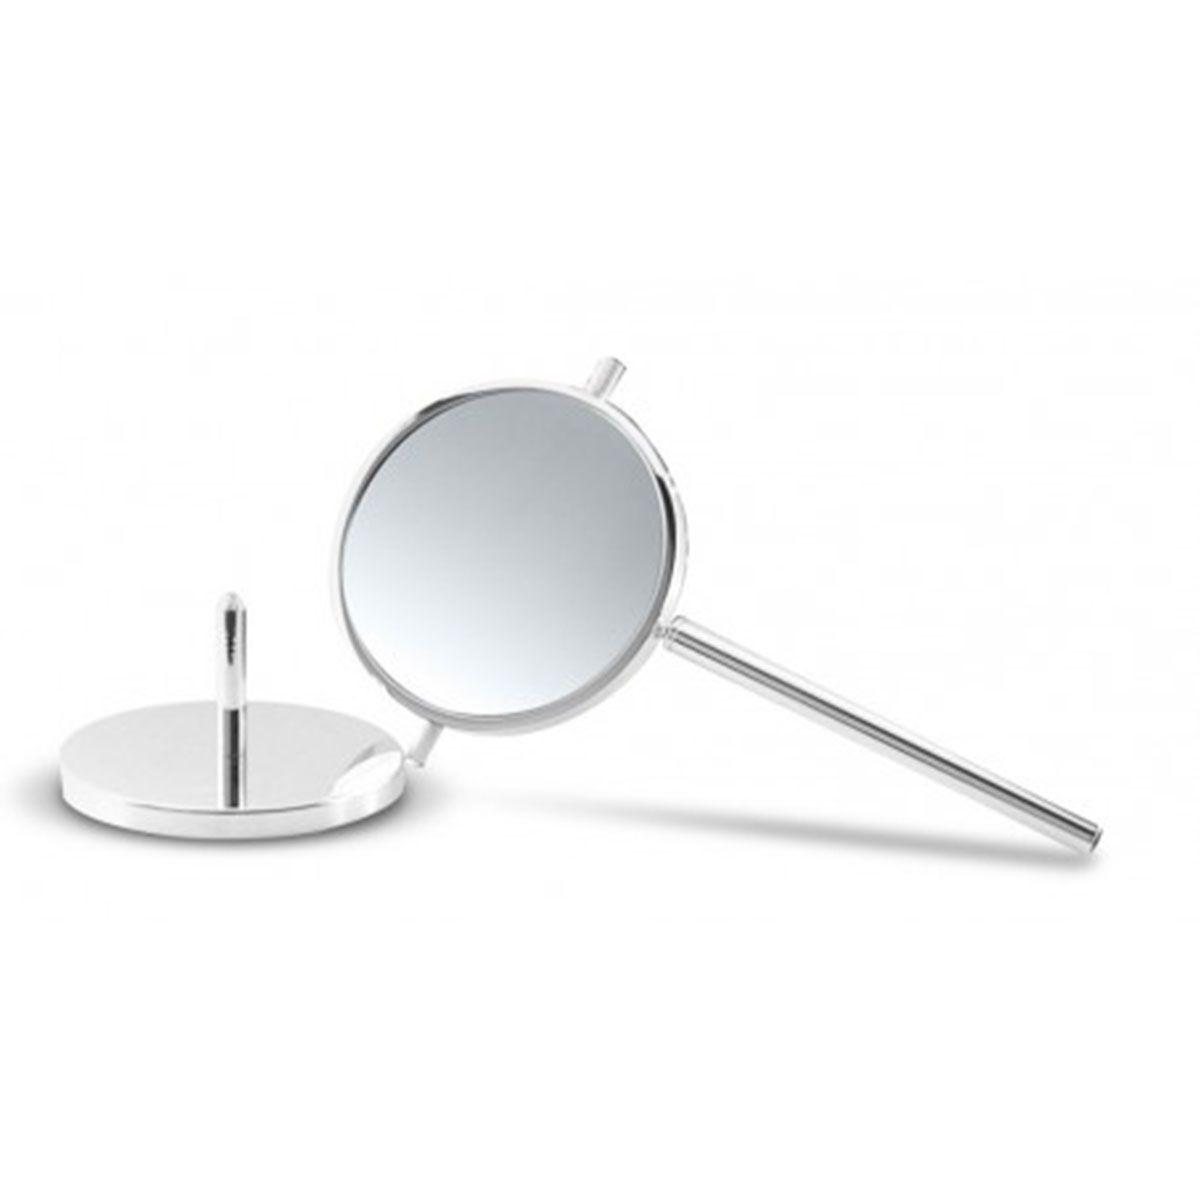 Specchio ingranditore da bagno da appoggio estraibile bottiglioni - Specchio ingranditore bagno ...